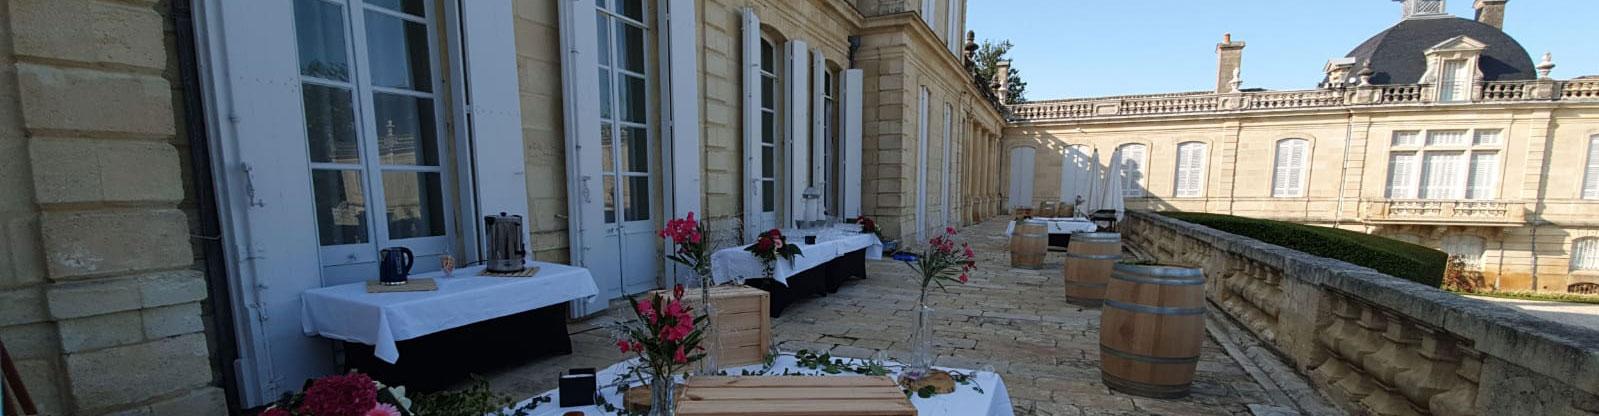 traiteur reception mariage evenementiel bordeaux - Traiteur Mariage Gironde